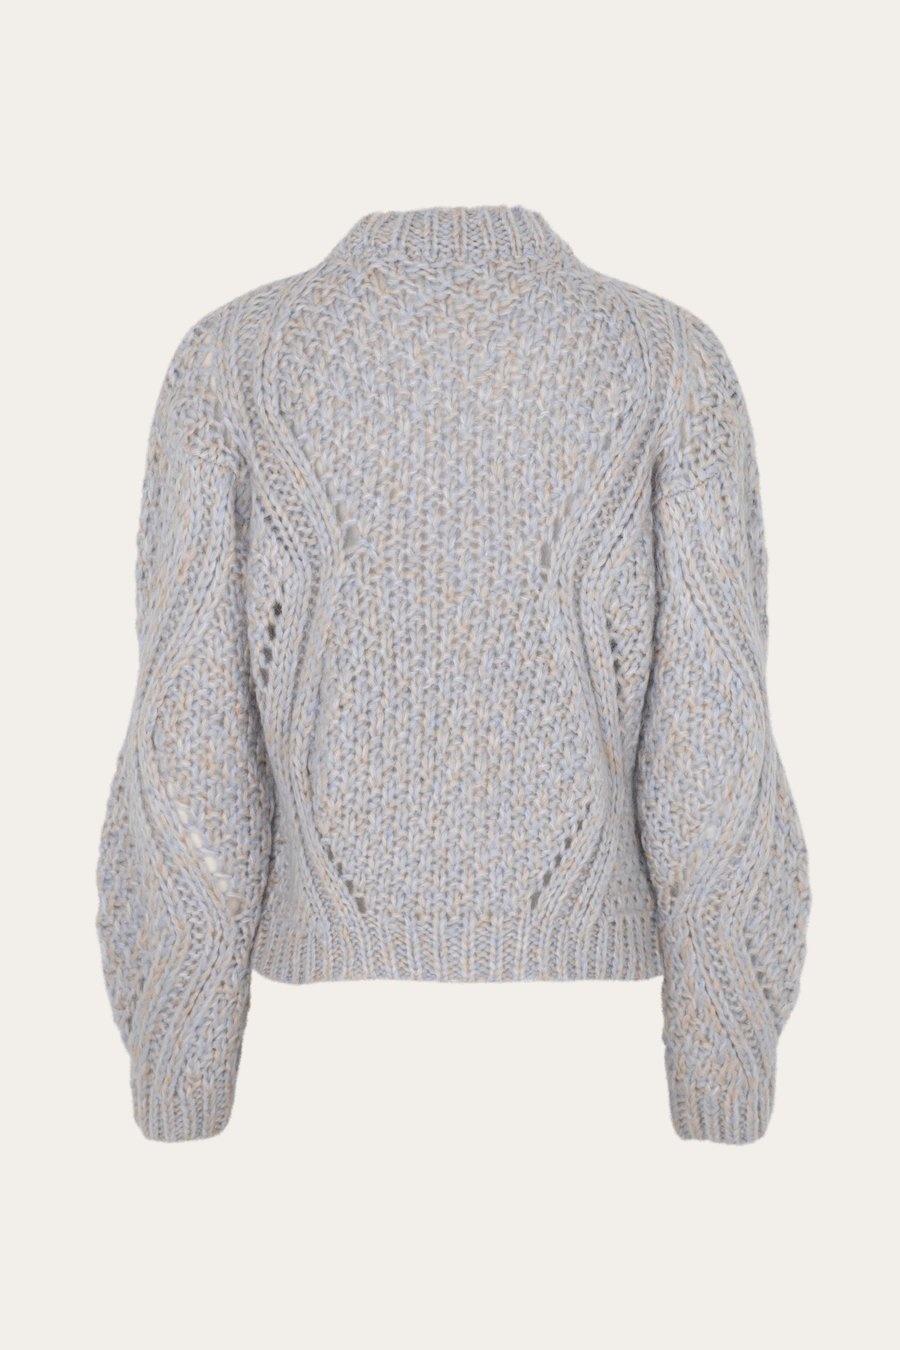 Alex sweater Stine Goya-6